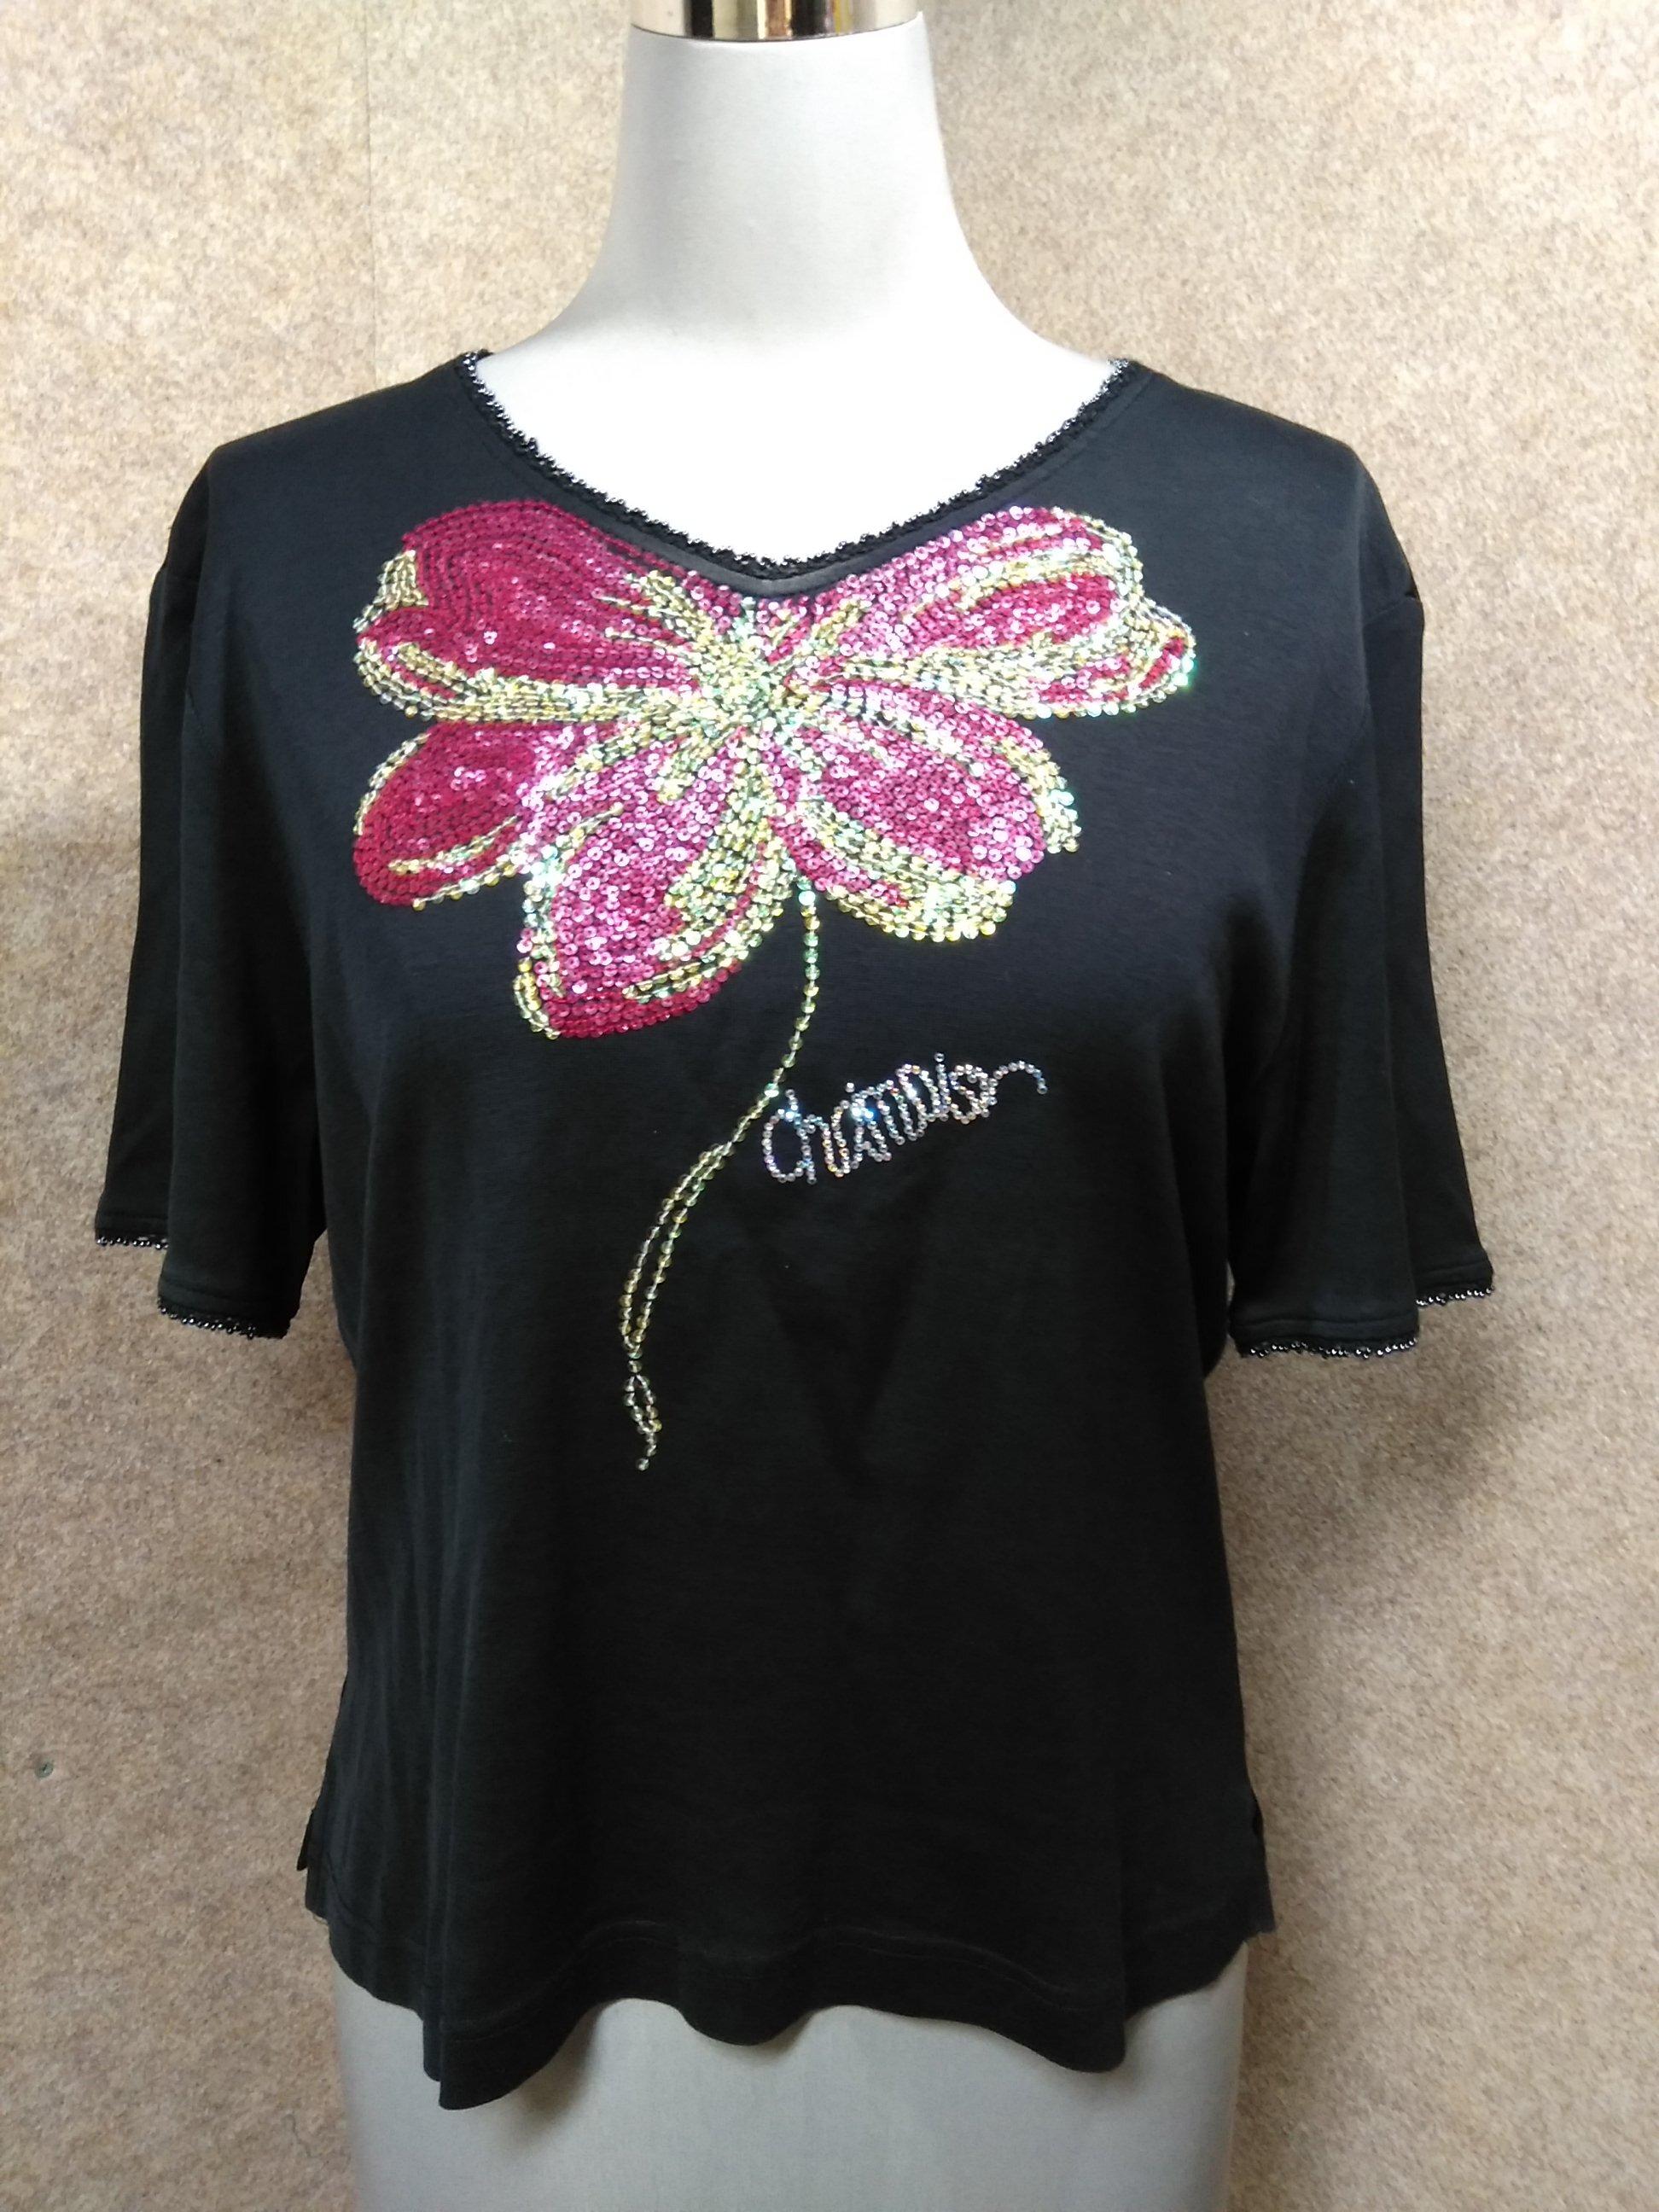 シャミー chamois V スパンコール Tシャツ 9号 黒 u1119a